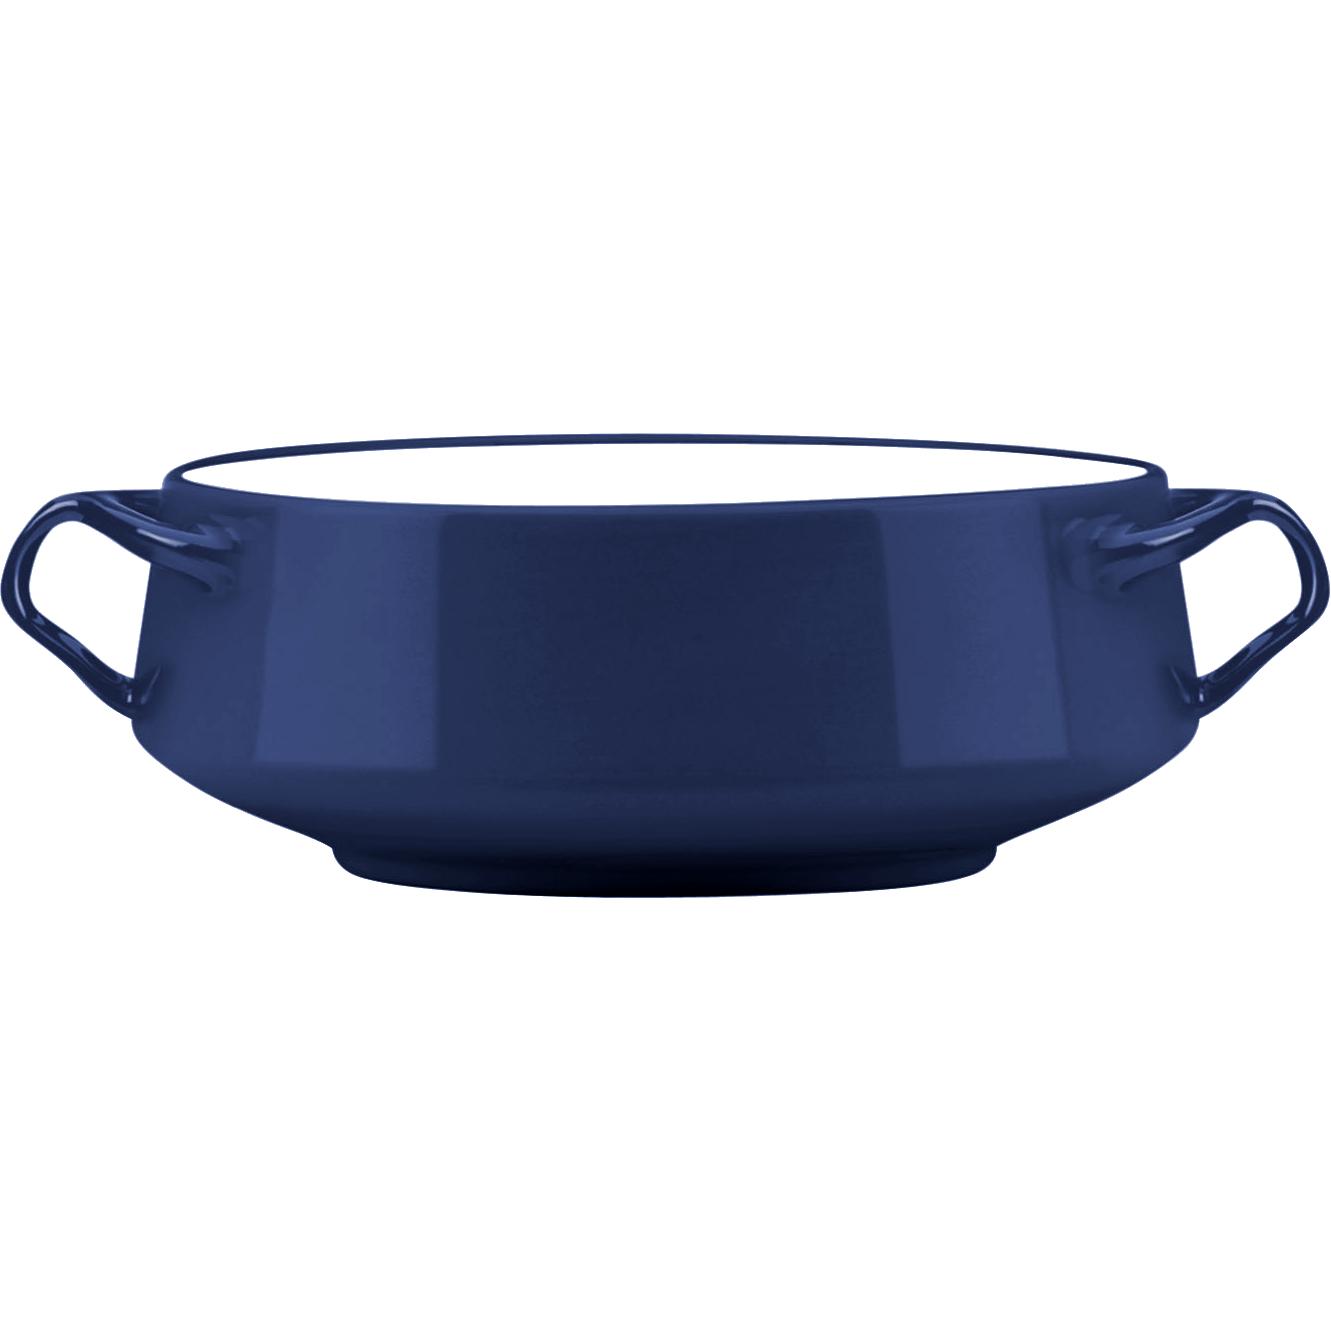 Dansk Kobenstyle Large Blue Stoneware Serving Bowl